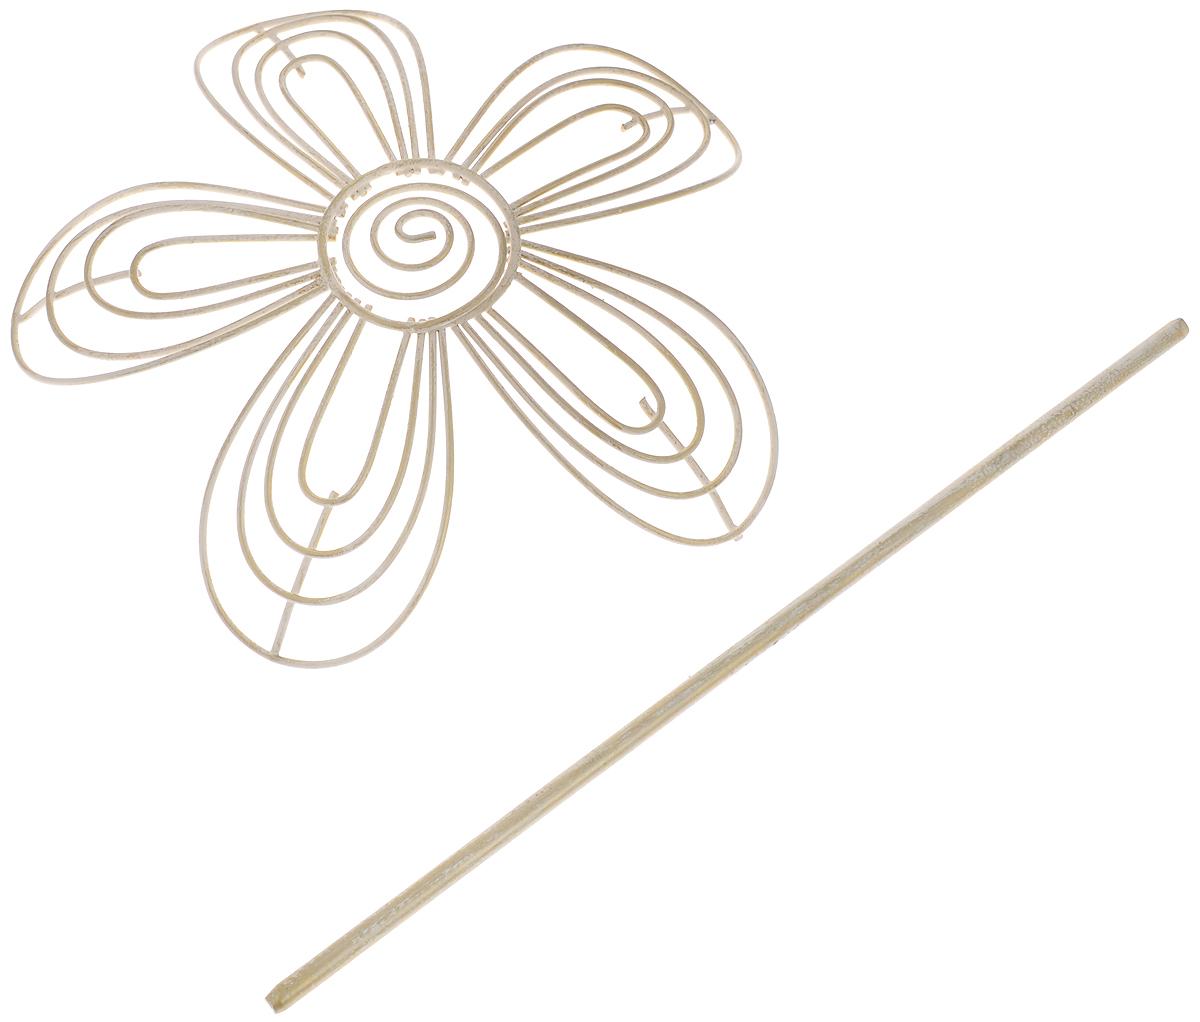 Заколка для штор Мир Мануфактуры, цвет: белый, золотистый697018_6 белый/золотоЗаколка для штор Мир Мануфактуры выполнена из металла в виде цветка.Заколка - это основной вид фурнитуры в декоре штор, сочетающий в себе не только декоративную функцию, но и практическую - регулировать поток света. Заколки для штор способны украсить любую комнату.Размер декоративной части: 16 х 16,3 см.Длина палочки: 23 см.